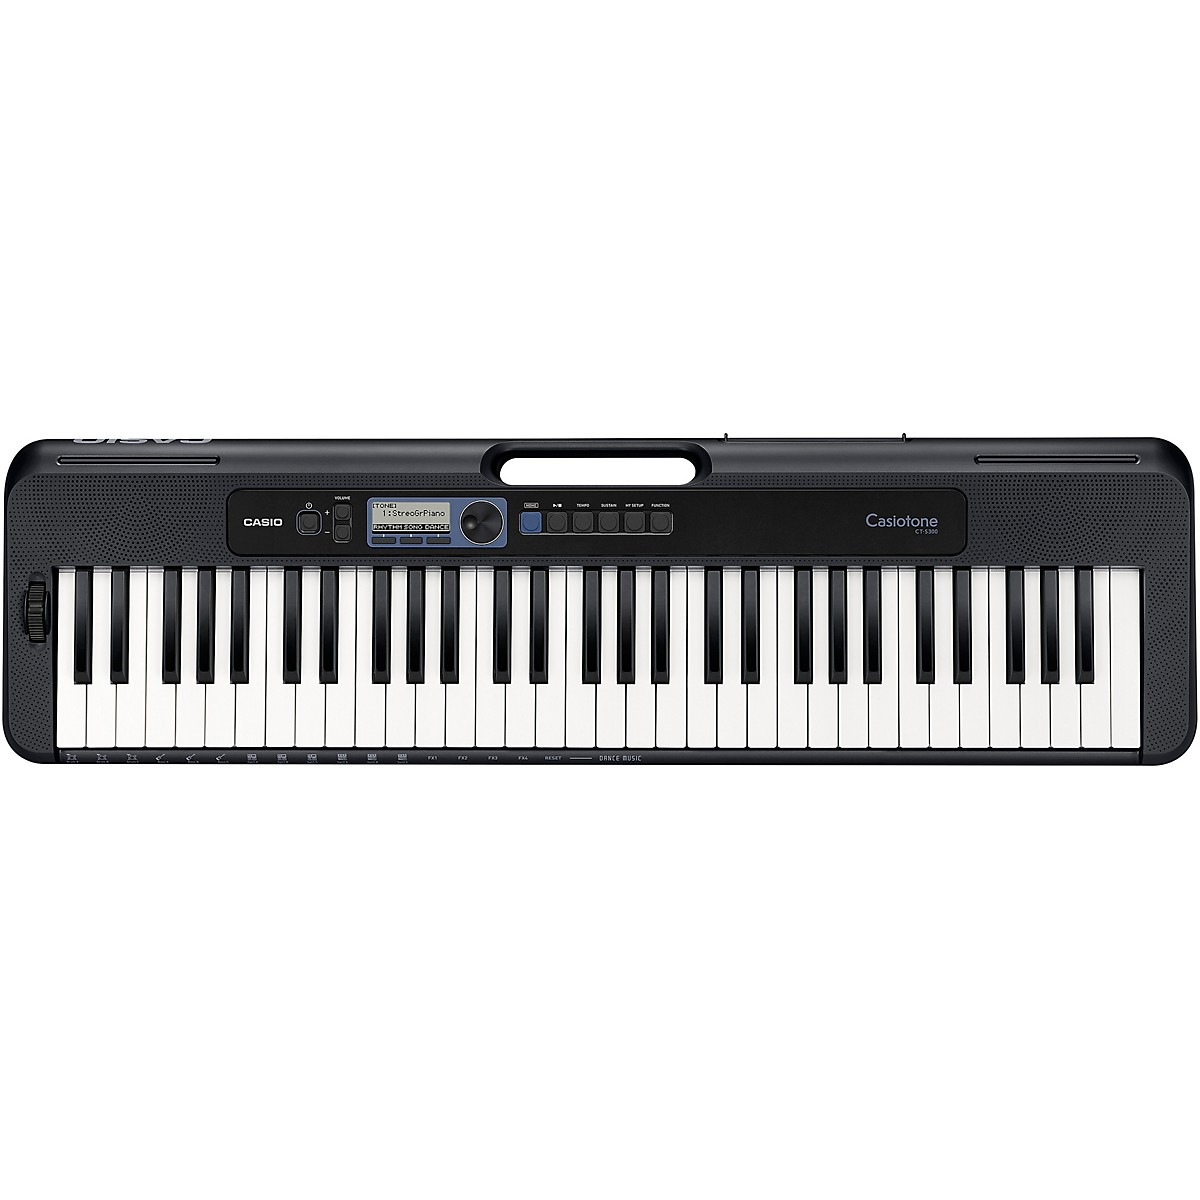 Casio Casiotone CT-S300 61-Key Digital Keyboard